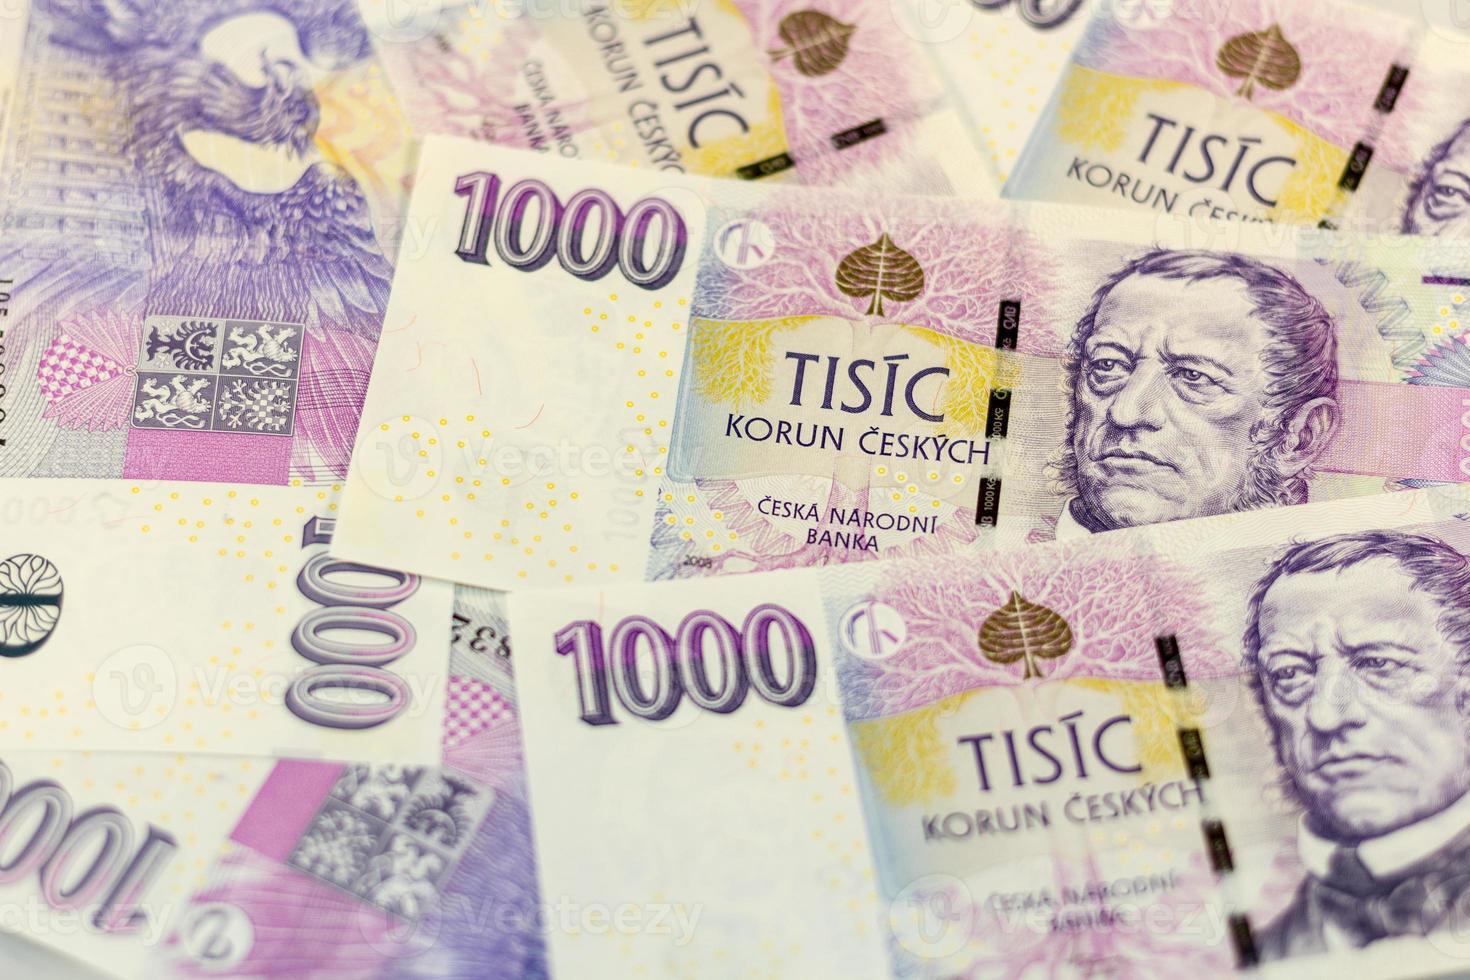 tschechisches Geld 1000 foto